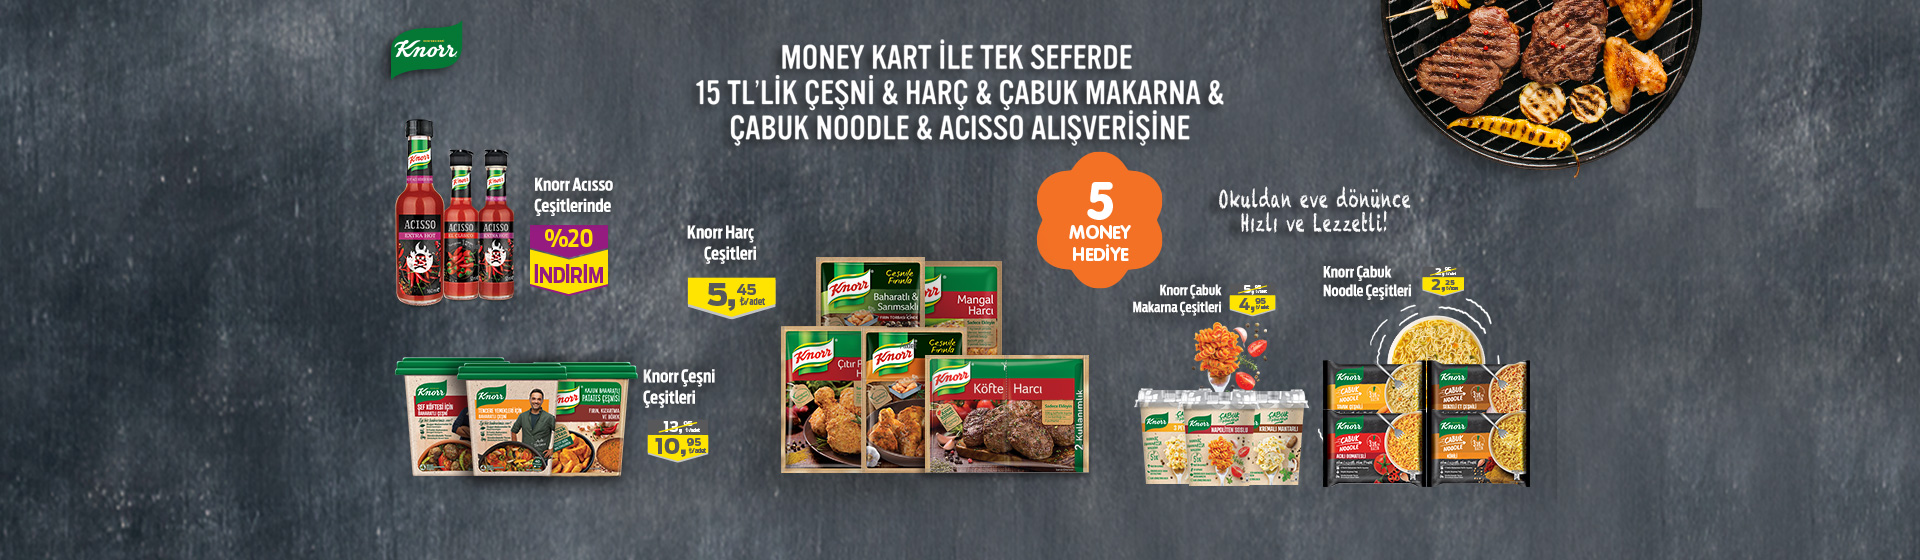 Knorr Money Kampanyası